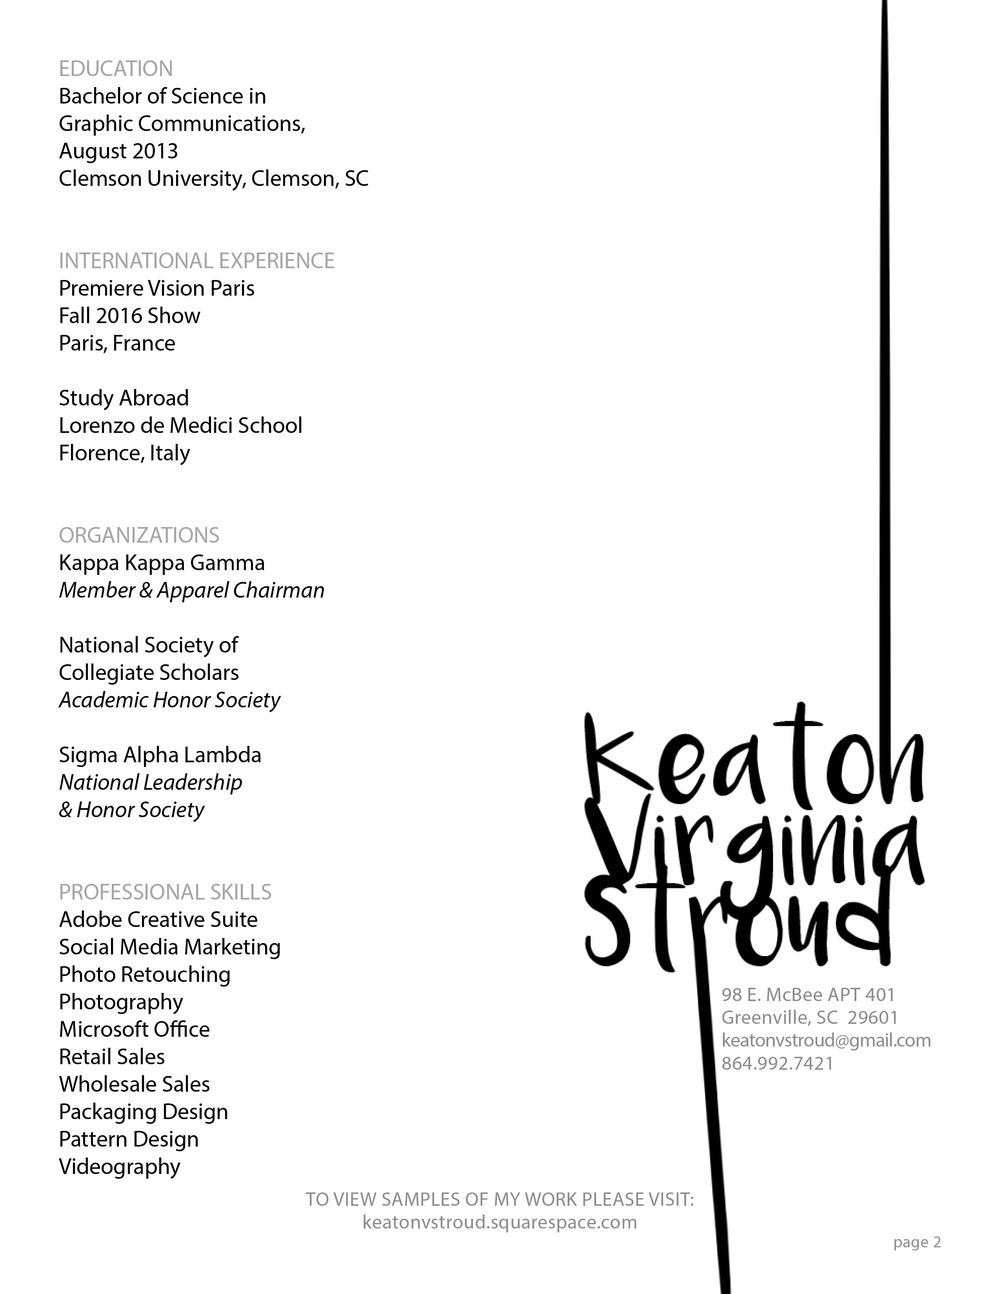 KeatonStroud_Resume2.jpg